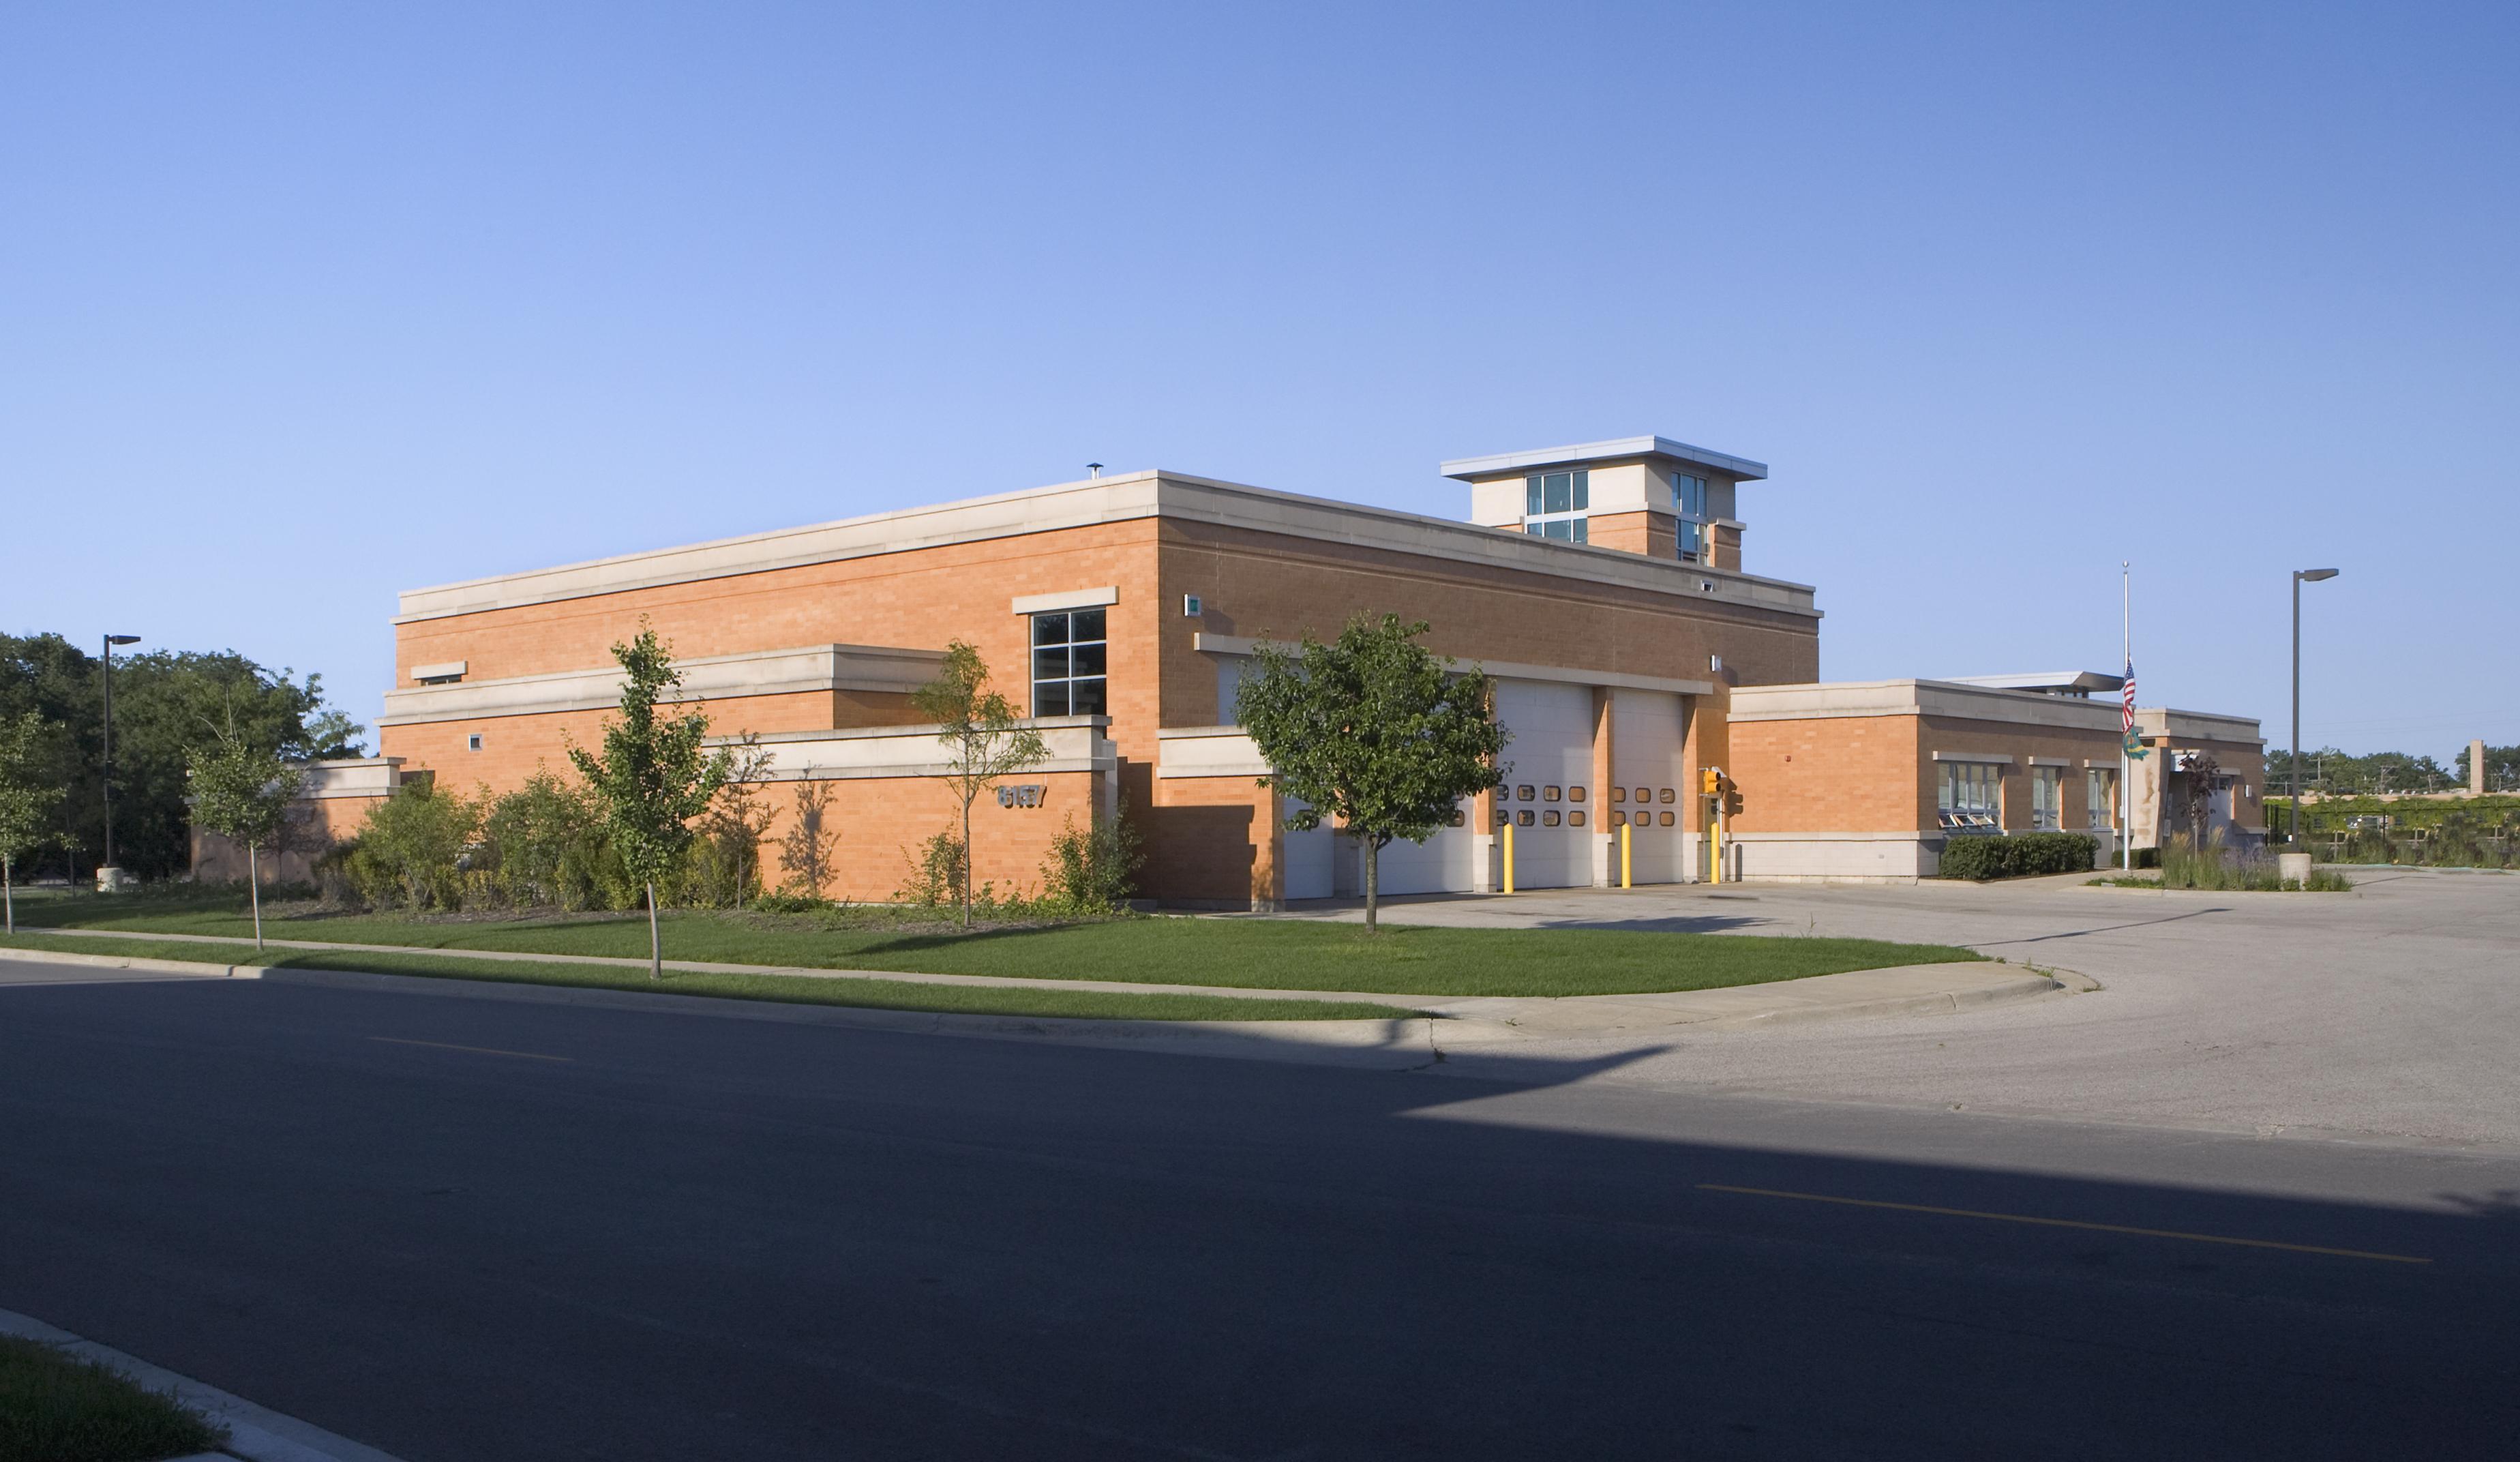 Skokie Fire Department Station 17